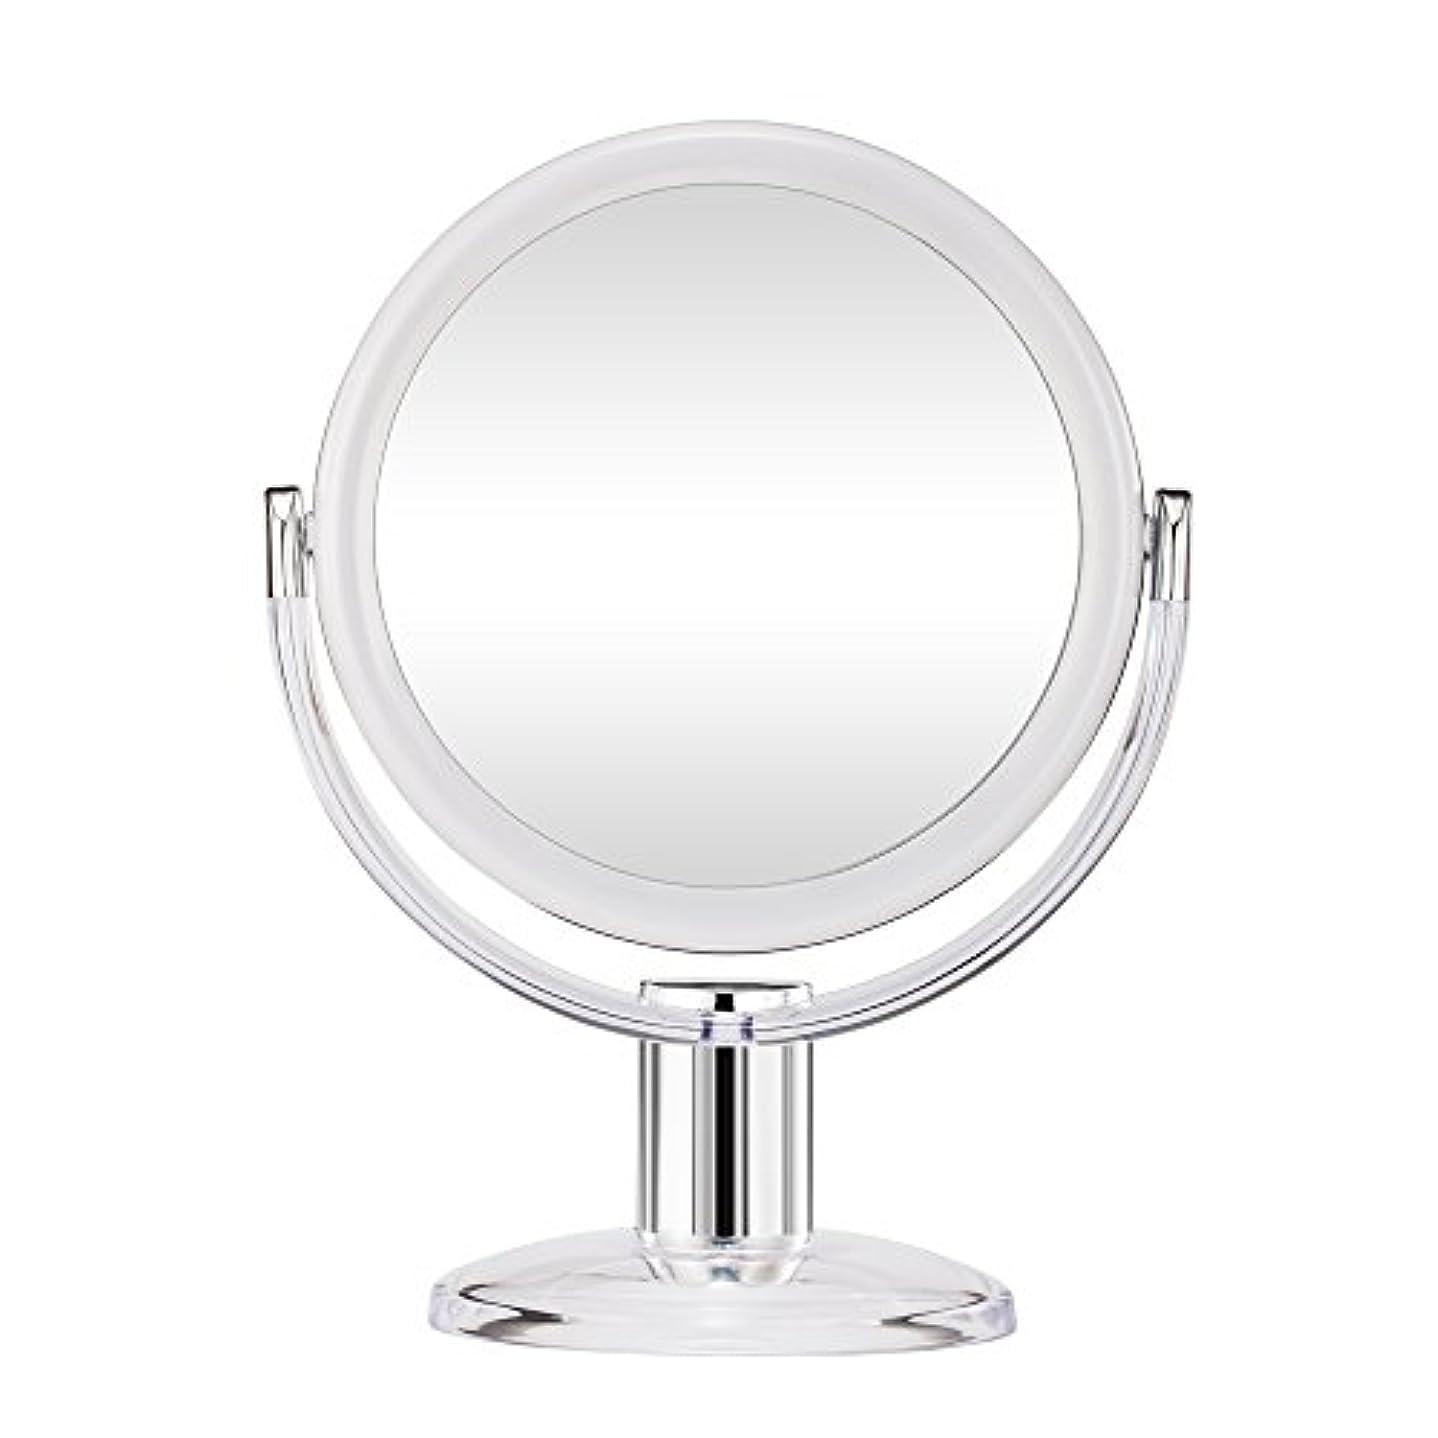 戦闘抑止する共産主義者Gotofine スタンドミラー 卓上鏡 両面鏡 10倍と等倍 透明 アクリル樹脂 おしゃれ 円型